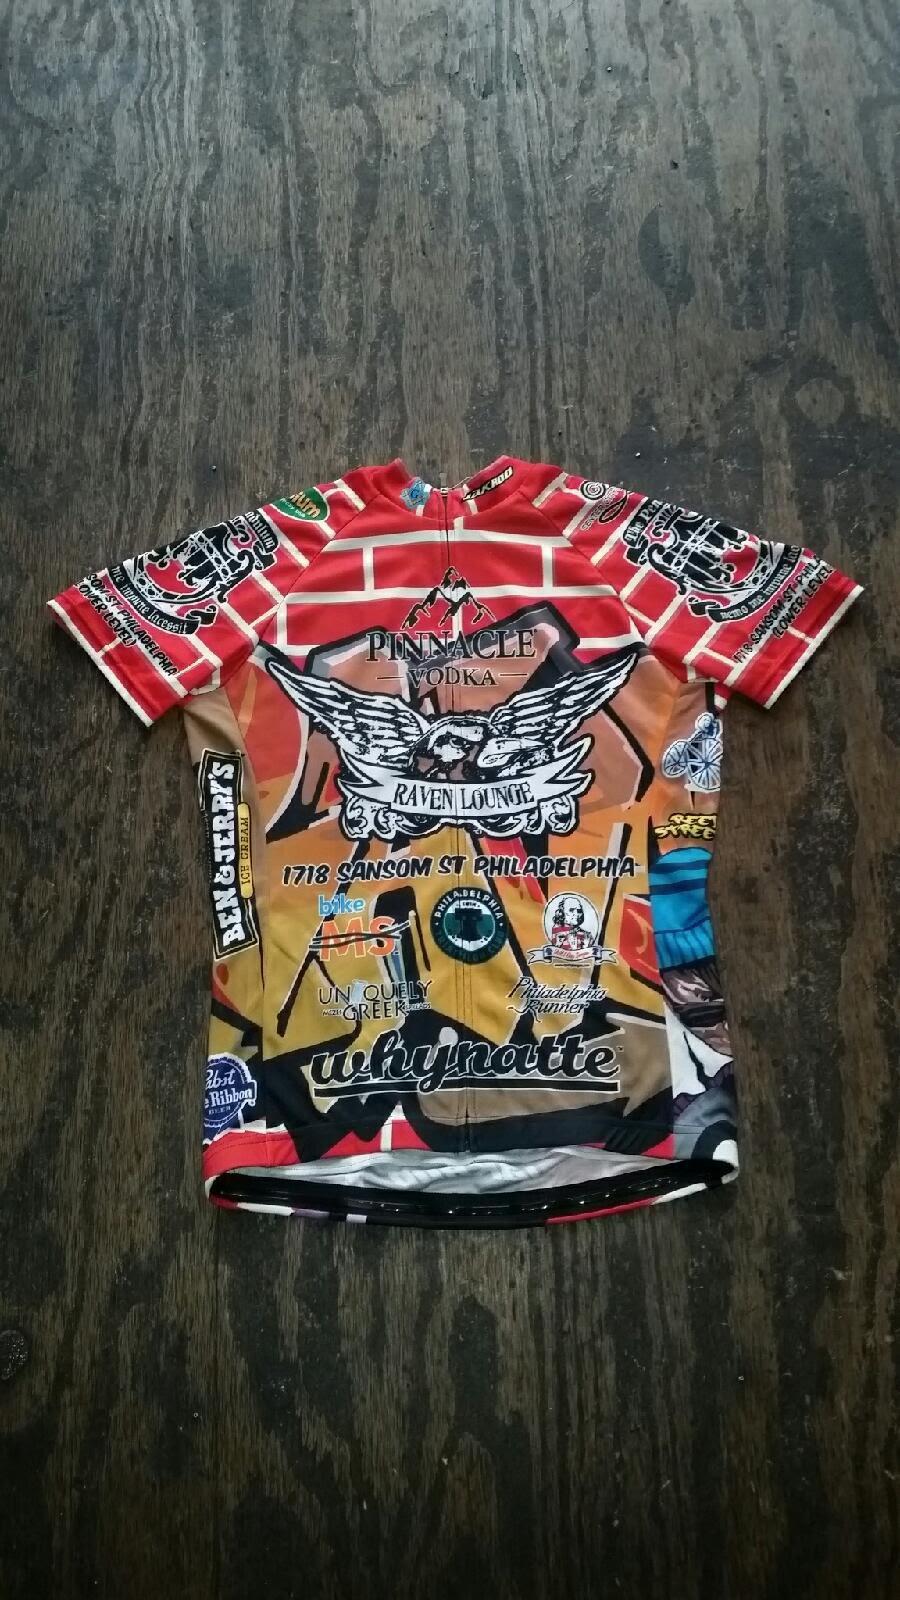 97abb59e5 Raven Lounge Cycling Shirt — Raven Lounge